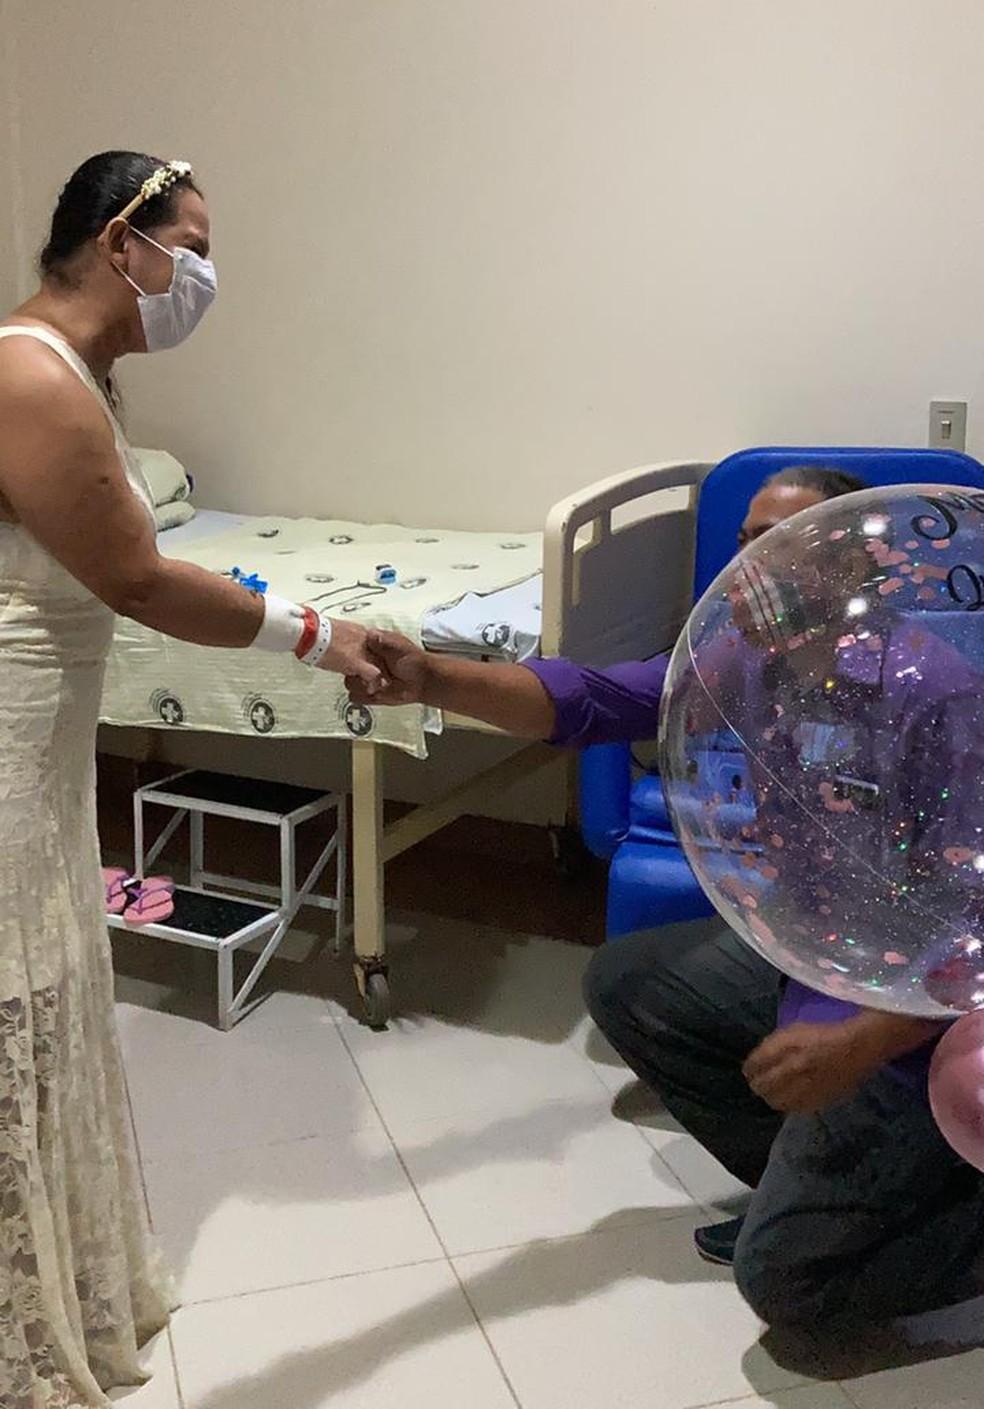 Antônio se ajoelhou e pediu a companheira em casamento no leito do hospital — Foto: Asscom/Hospital Santa Juliana